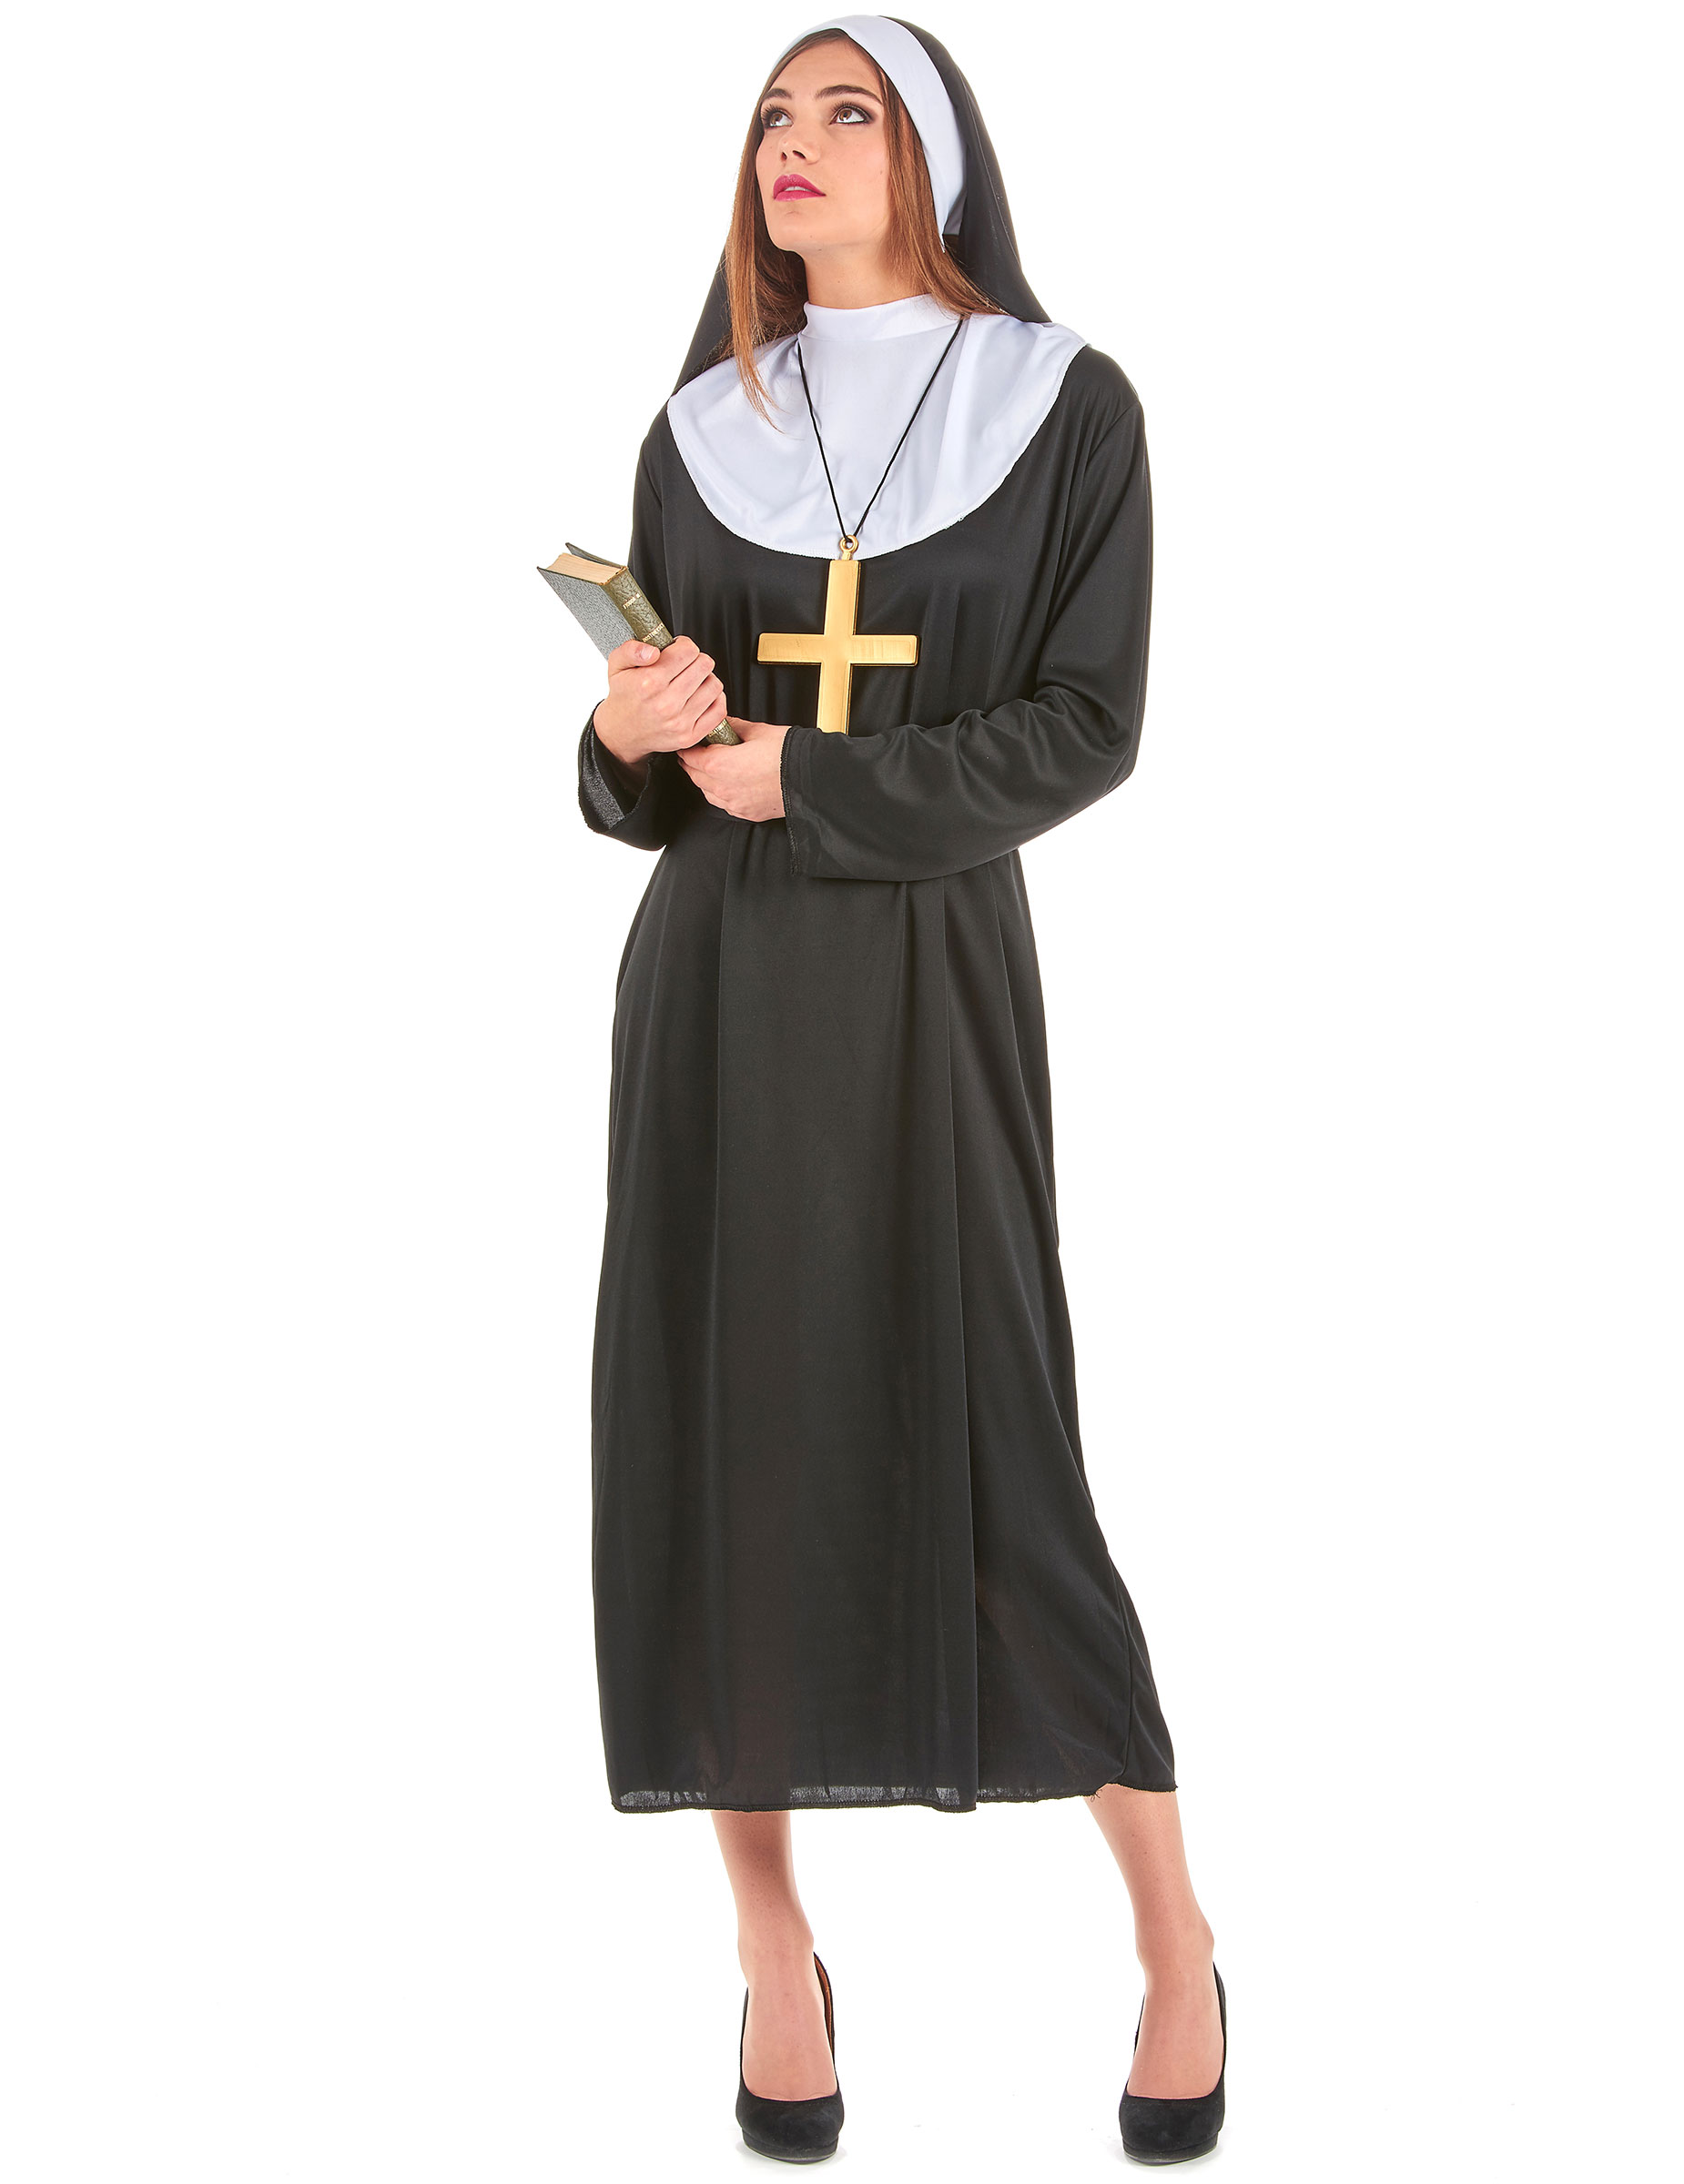 Nonne Damenkostum Schwester Schwarz Weiss Gunstige Faschings